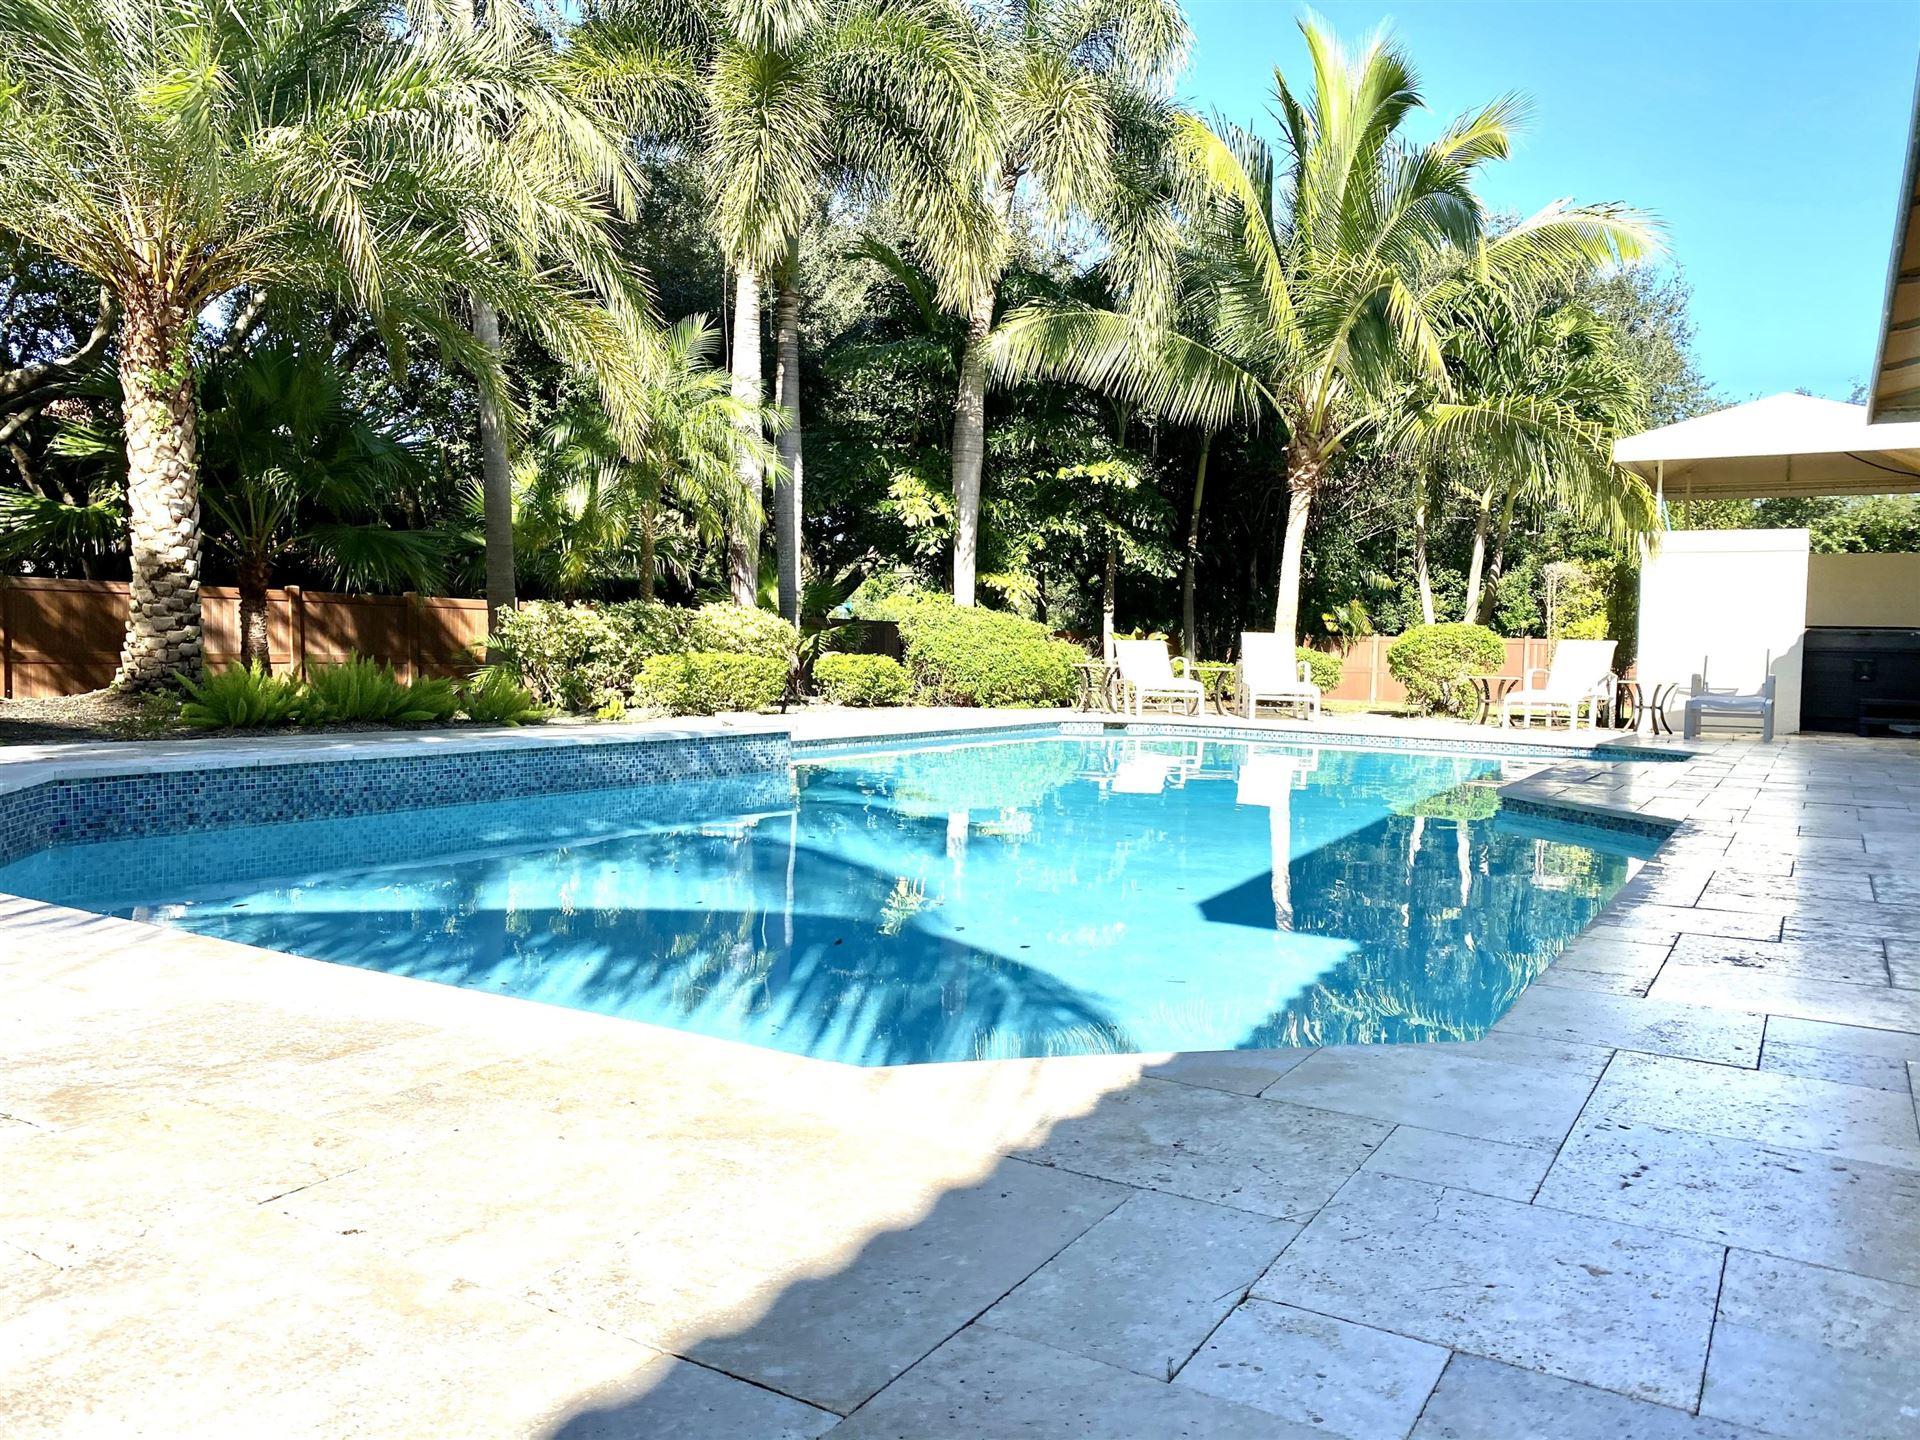 17904 Fieldbrook Circle W, Boca Raton, FL 33496 - #: RX-10677739